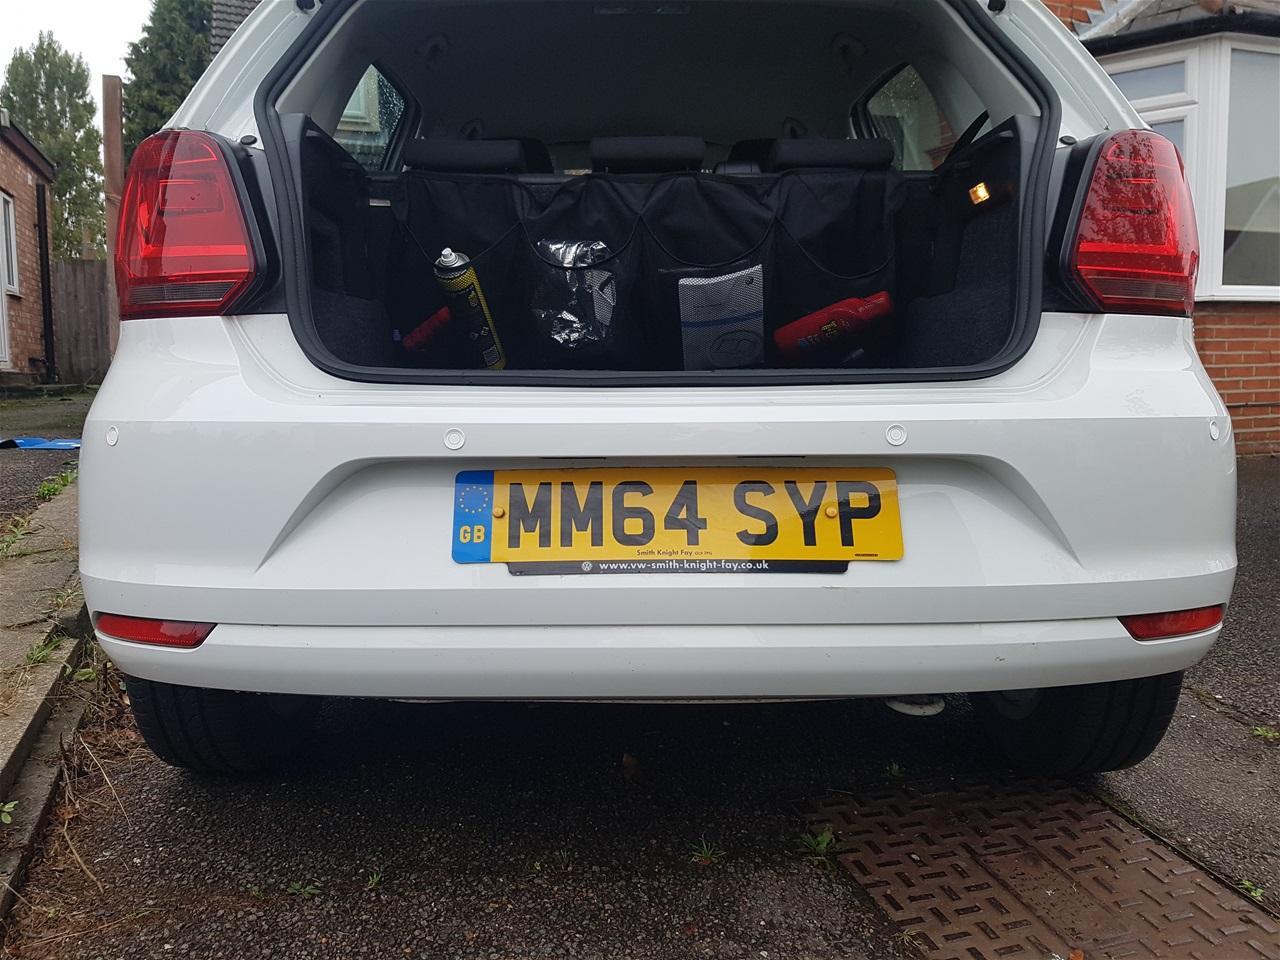 Volkswagen Polo rear parking sensors